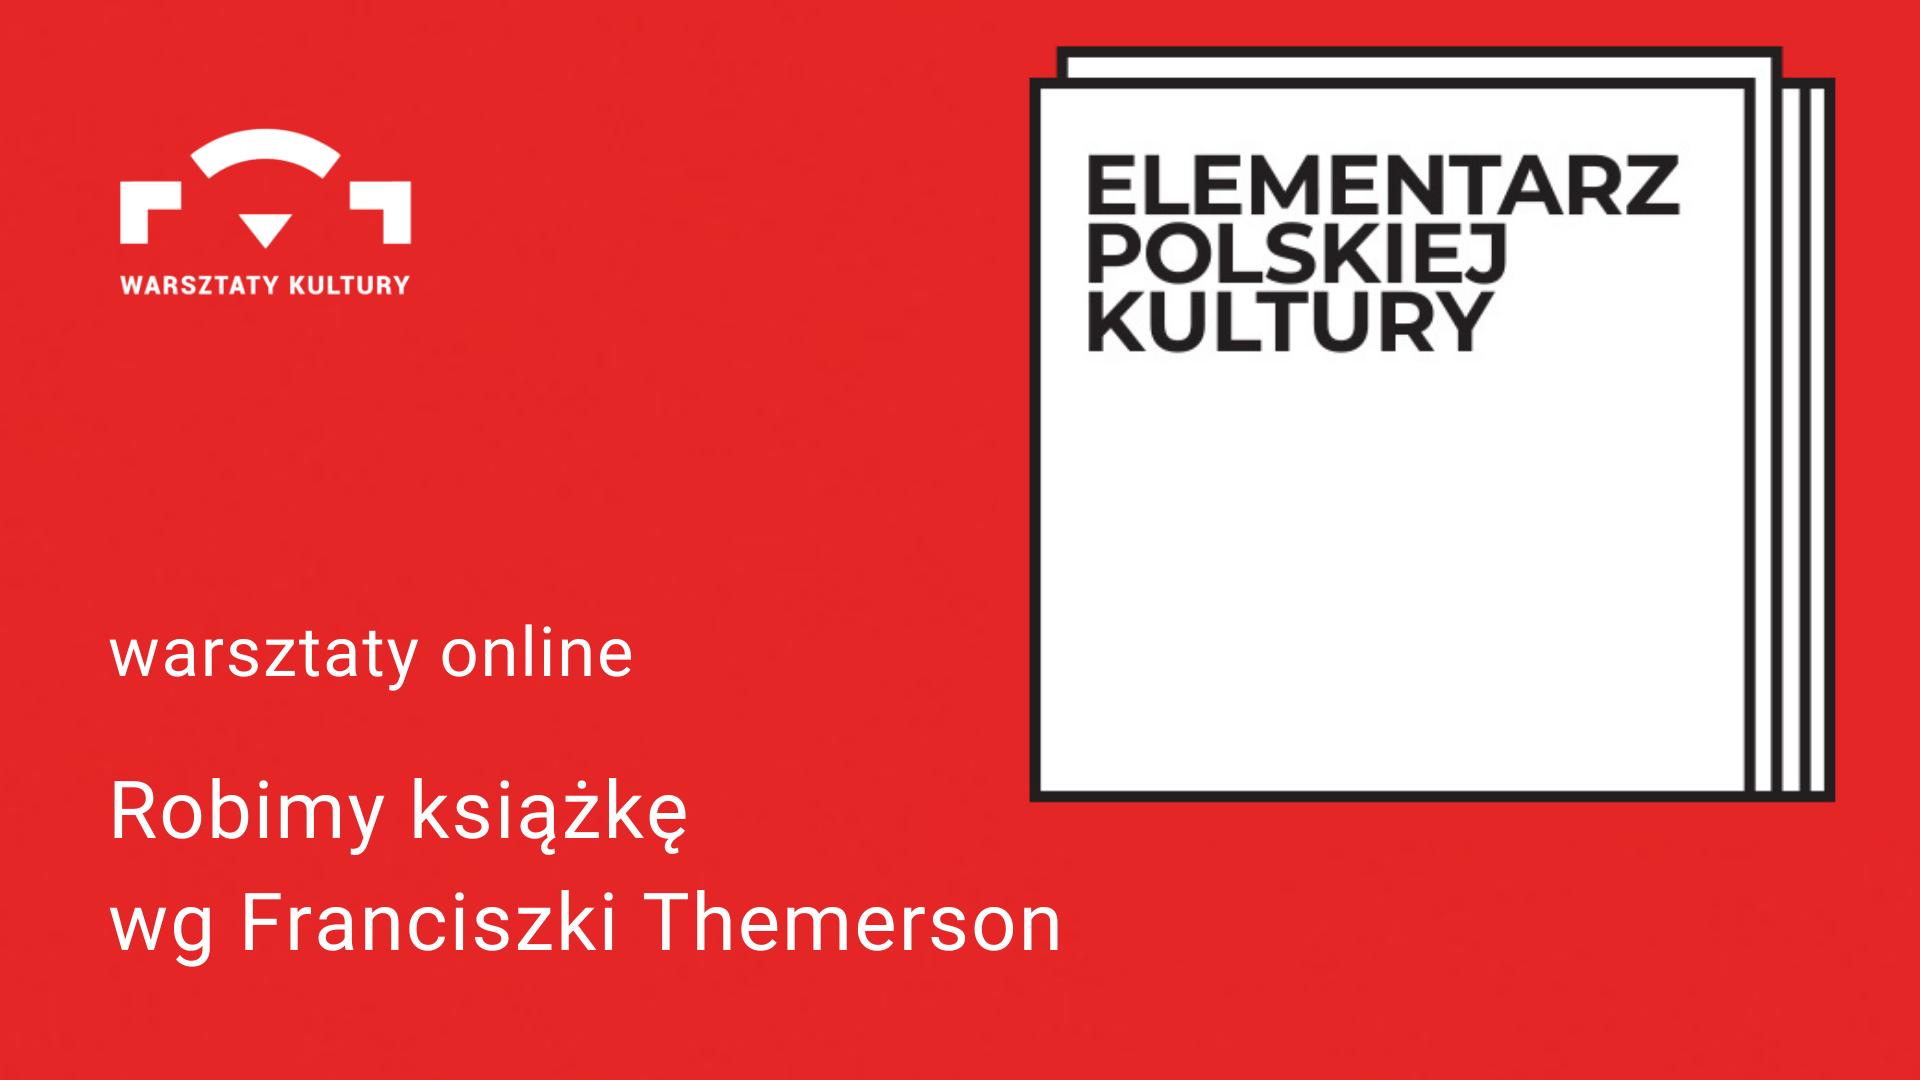 czerwone tło. z prawej strony 4 nałożone na siebie białe kwadraty z napisem Elementarz Polskiej Kultury. poniżej biały napis warsztaty online Robimy książkę wg Franciszki Themerson. w lewym dolnym rogu logo Warsztatów Kultury